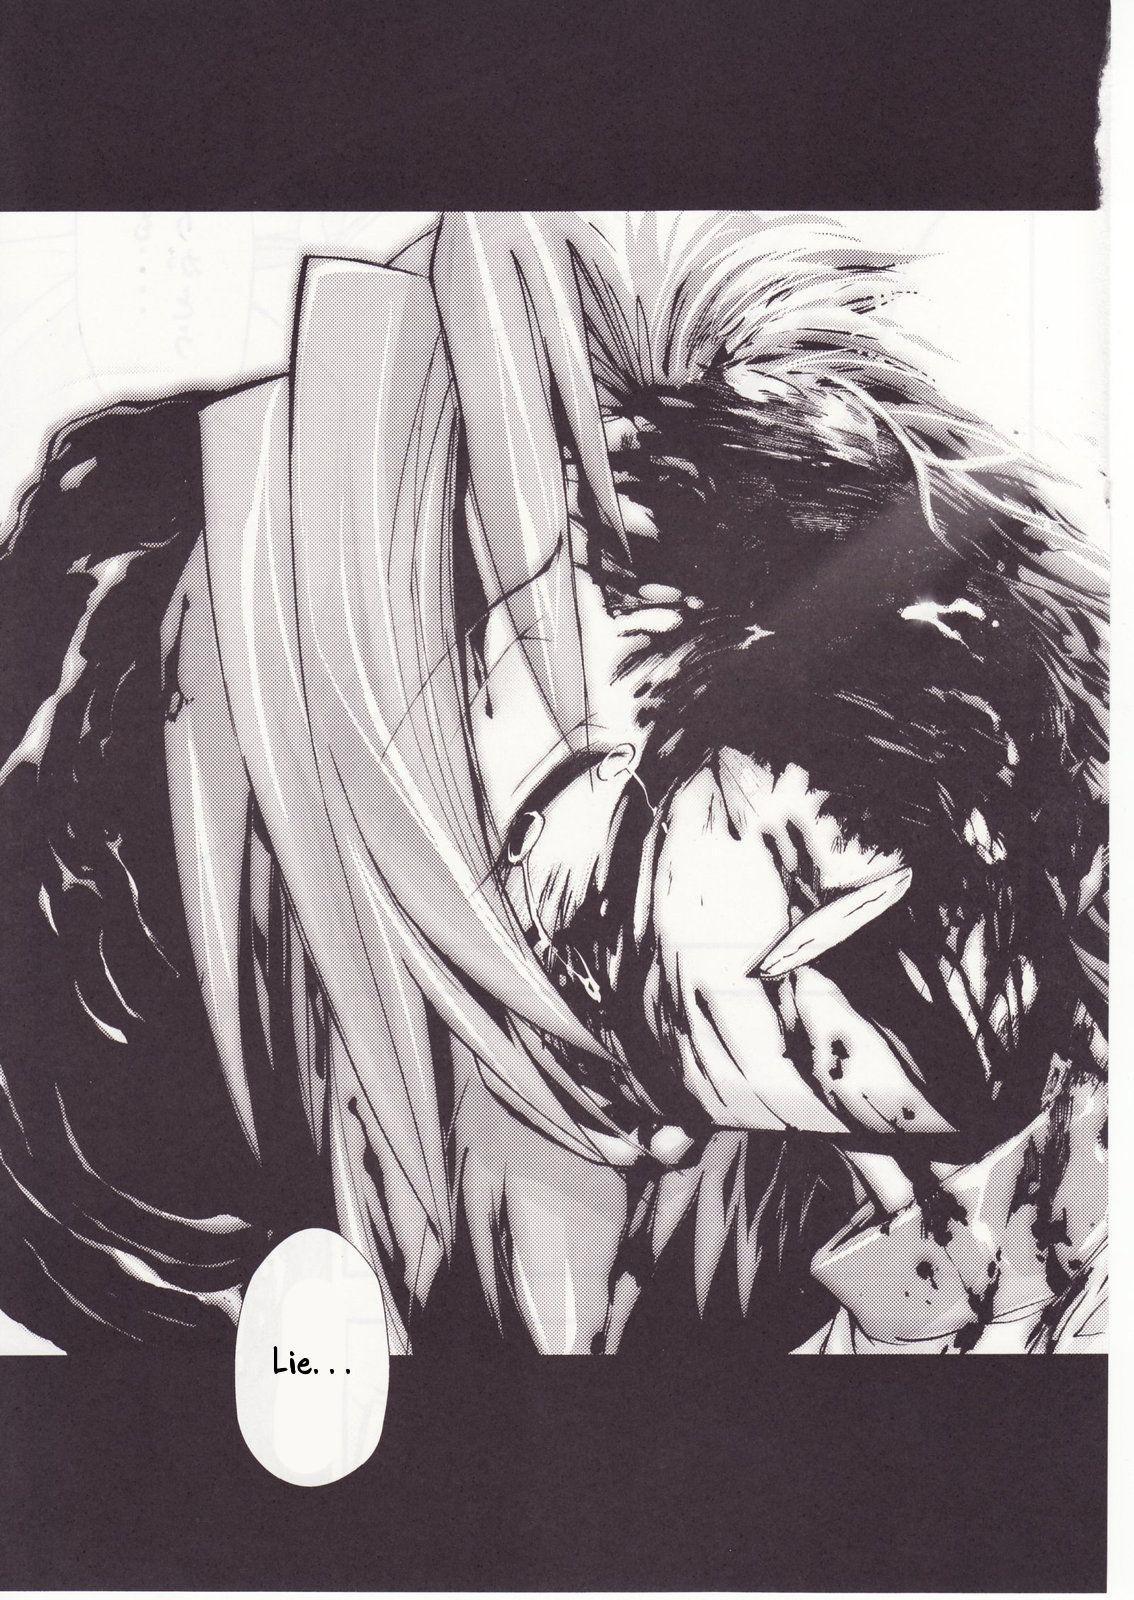 Higurashi no Naku You ni San 86